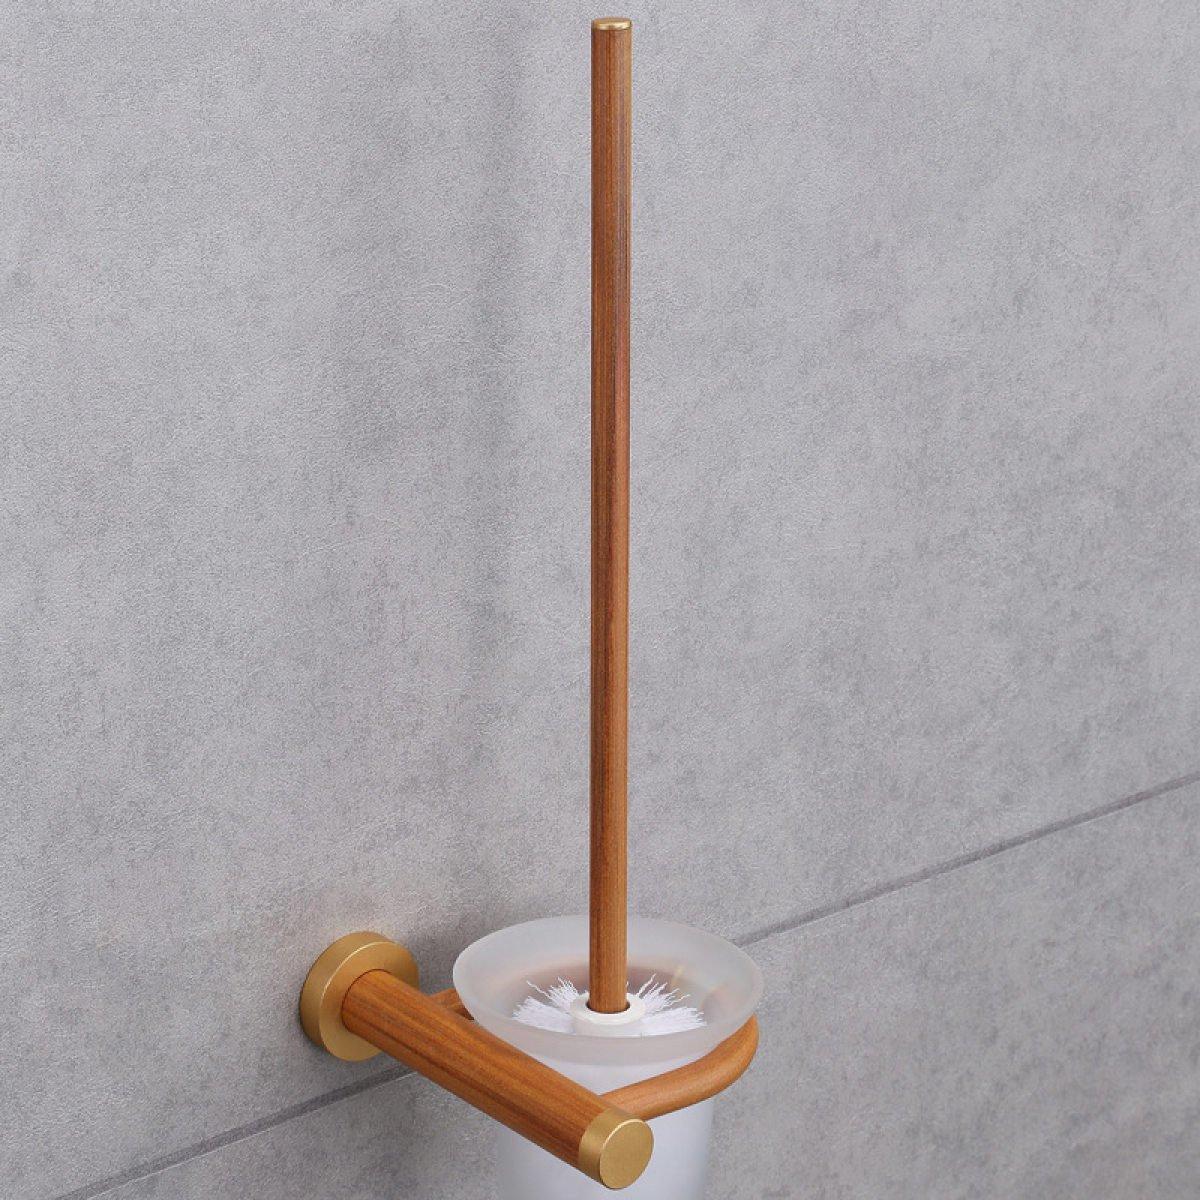 XGMSD Porte Brosse De Toilette En Bois Protection De Lenvironnement Minimaliste Costumes De Porte-gobelet Toilettes H/ôtel Ornements De Toilette Brosse De Toilette En Bois